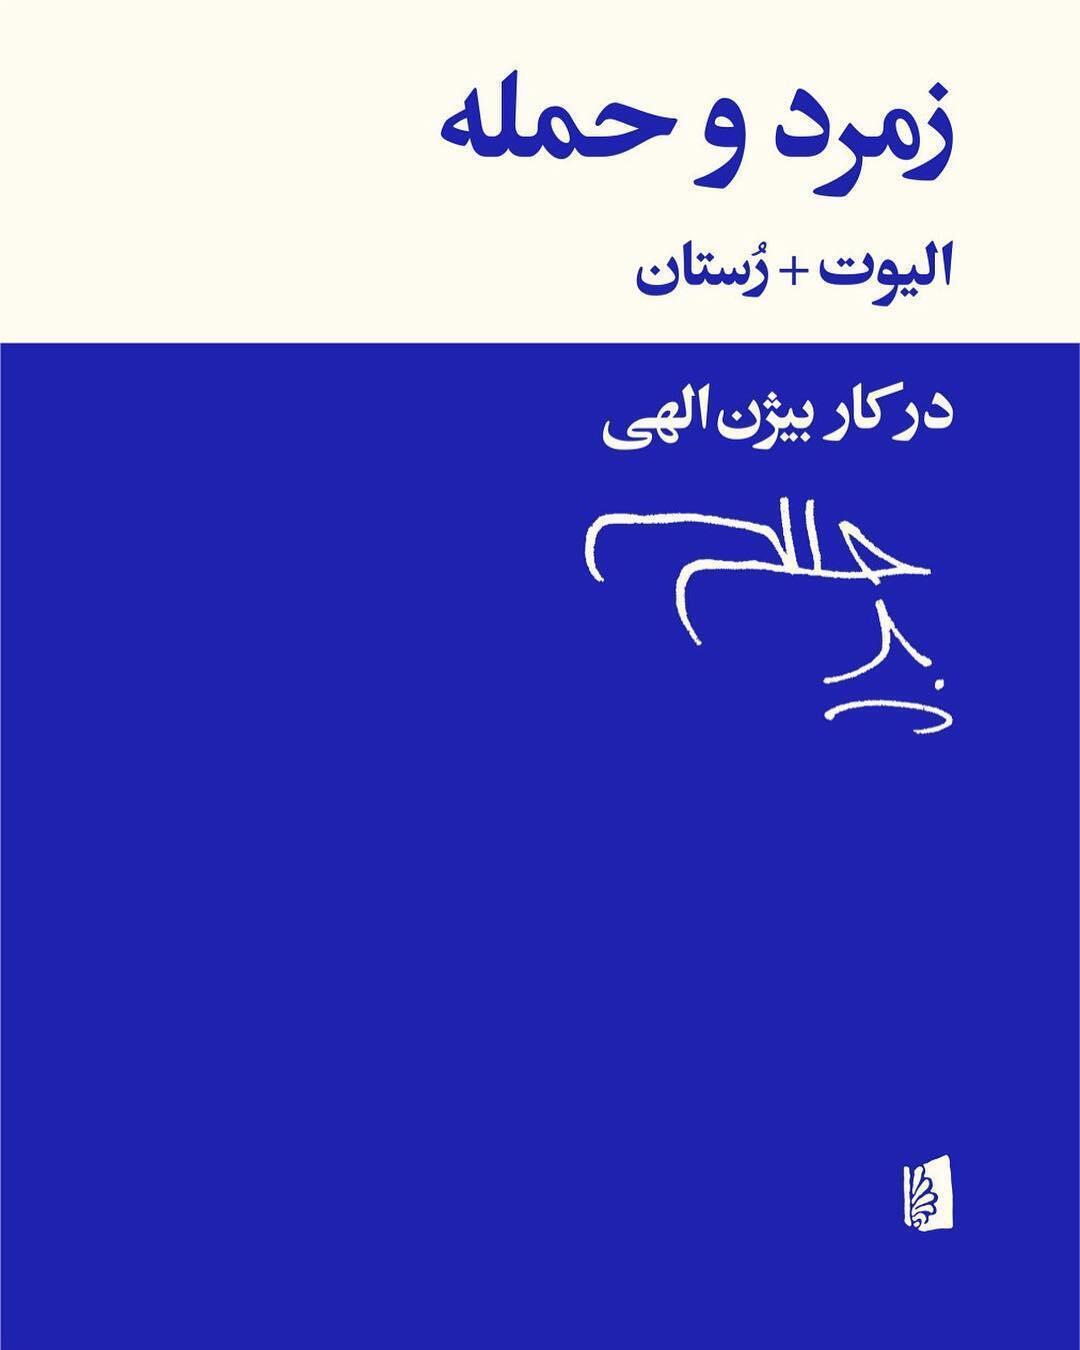 آخرین کتاب مجموعه آثار بیژن الهی